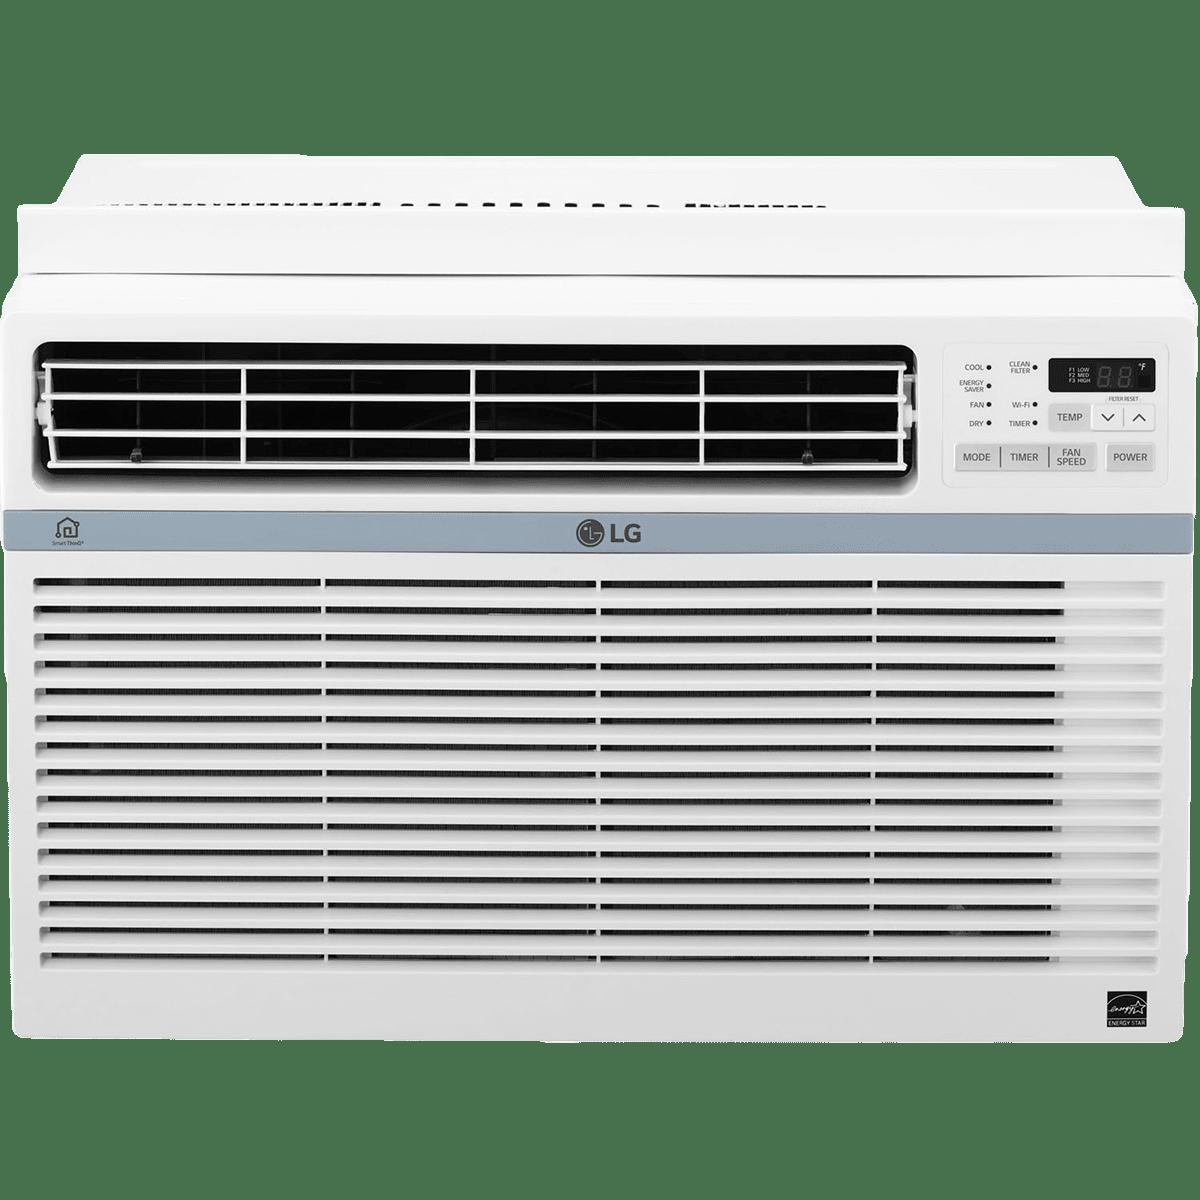 LG LW8017ERSM 8,000 BTU Window AC w| Wi-Fi Controls